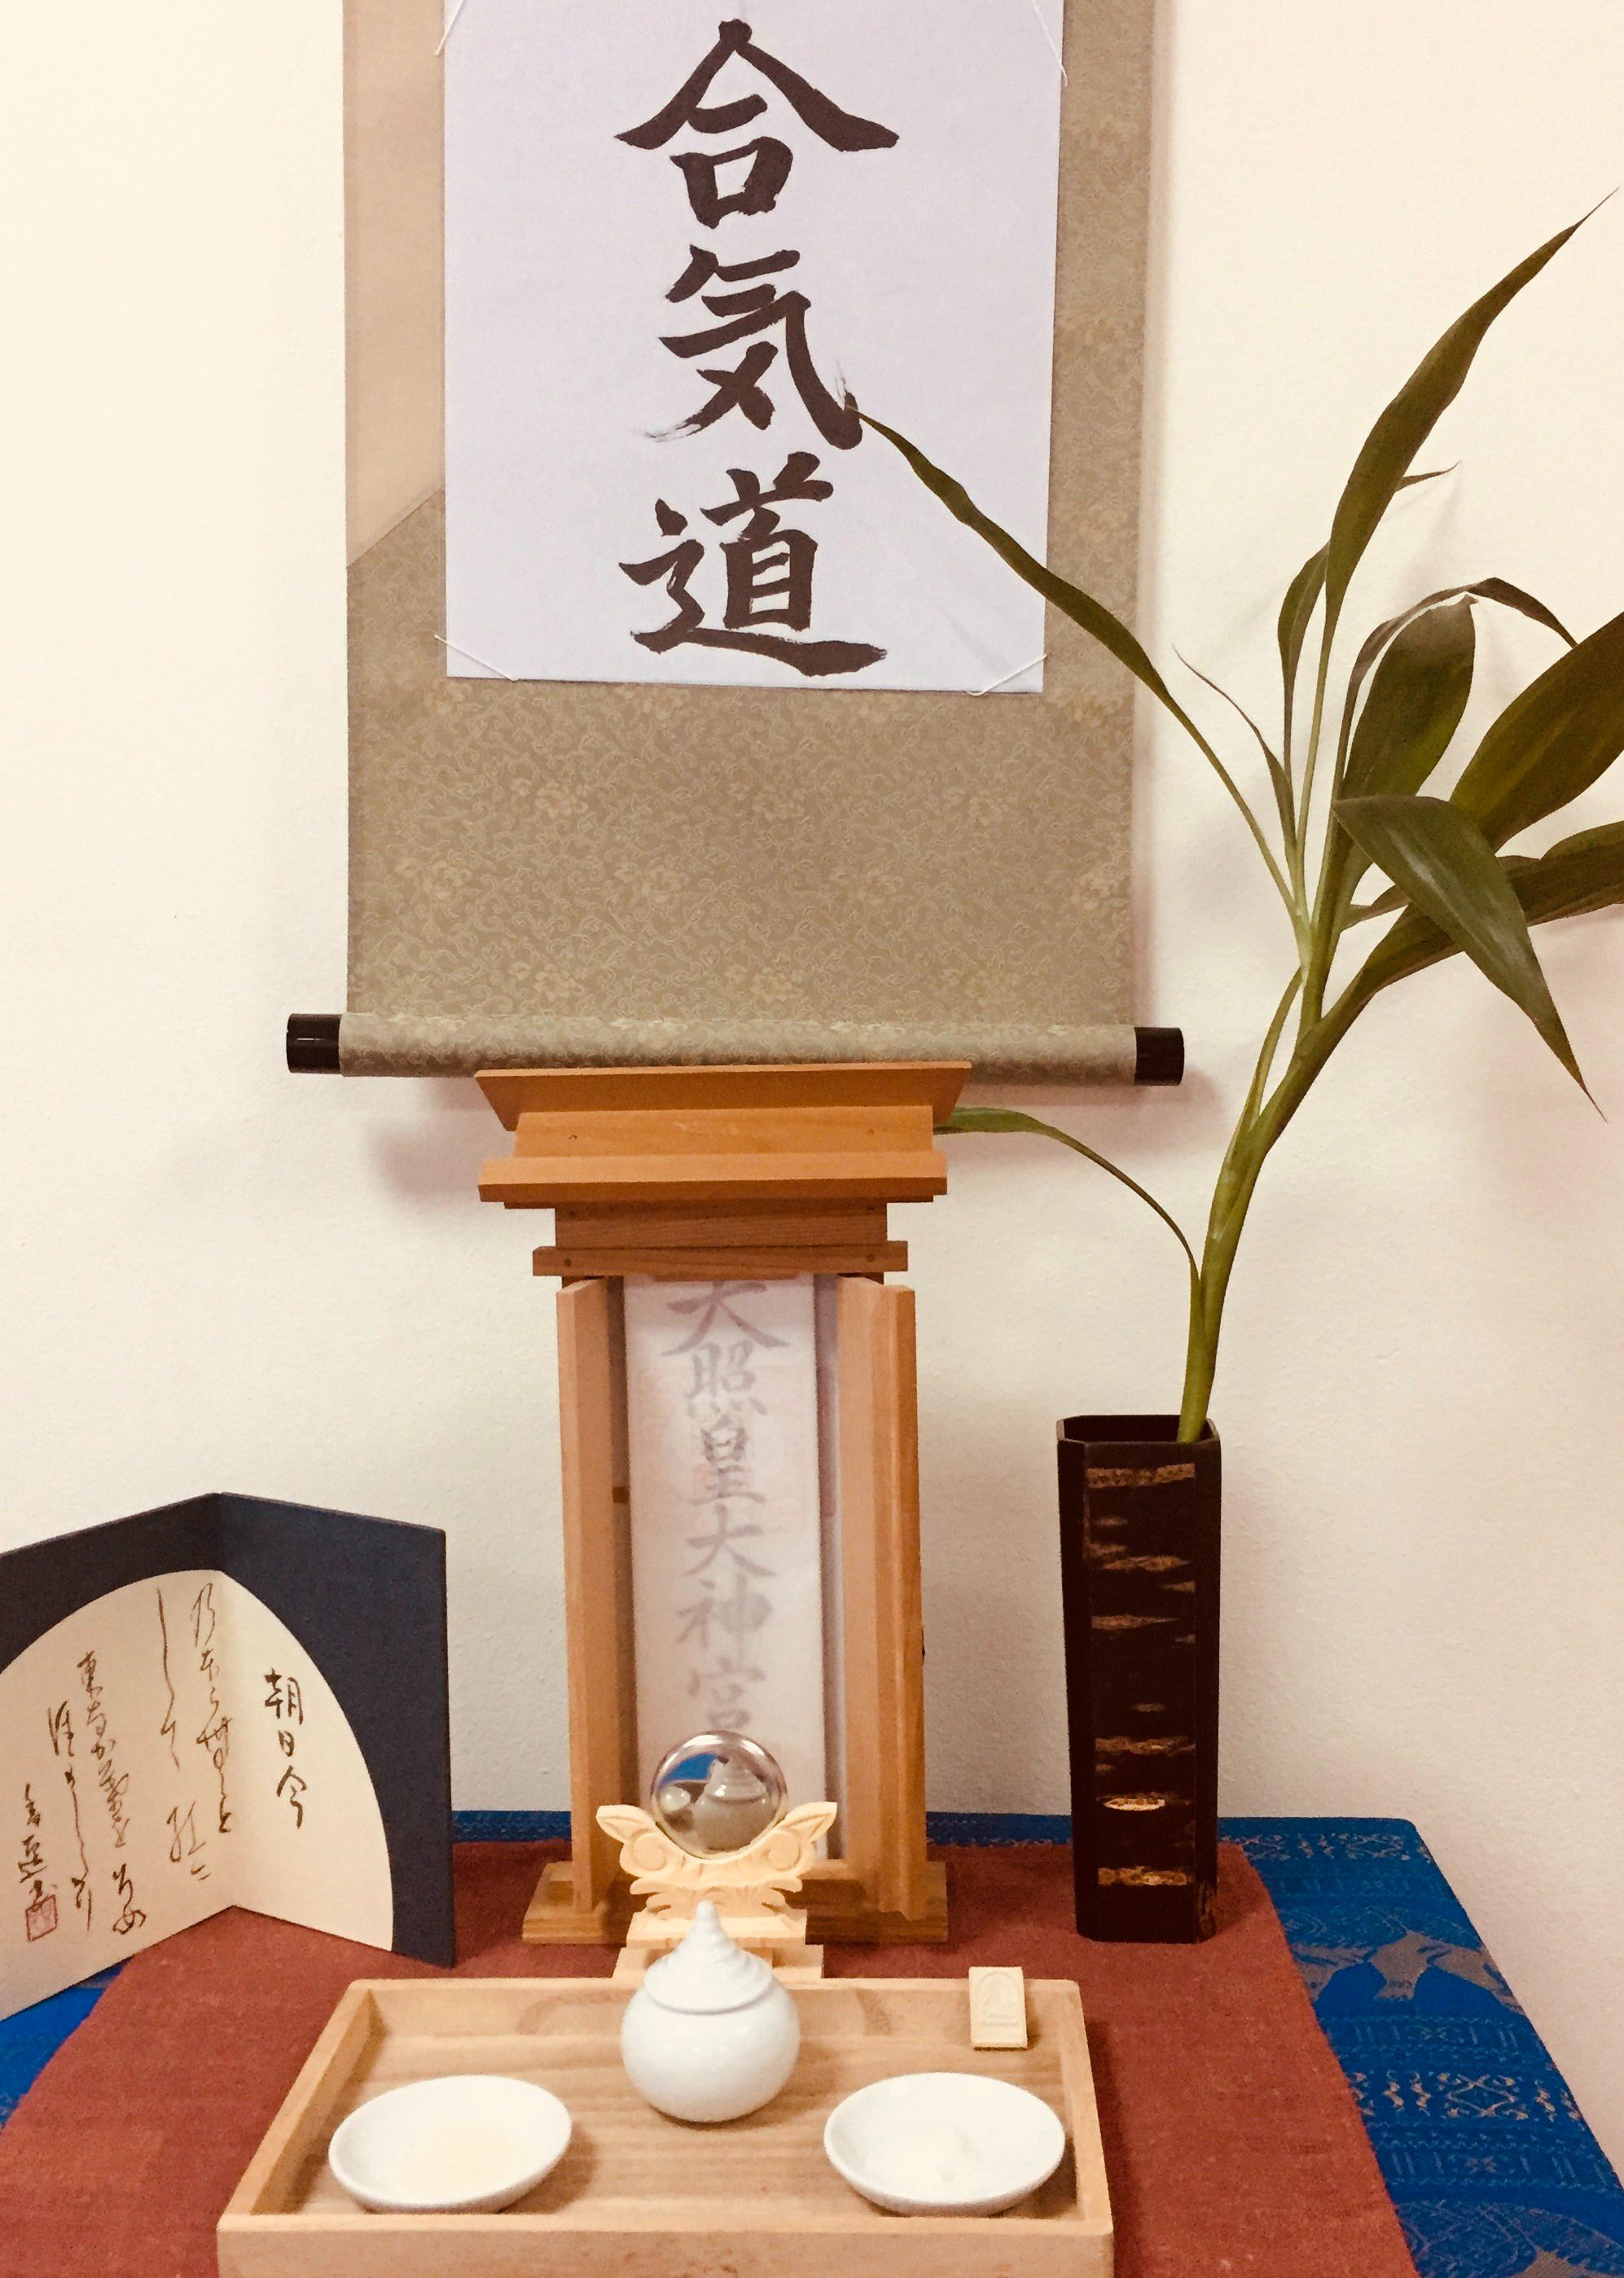 Yoshinkan Aikido Bangkok Dojo / 養神館合気道バンコク道場